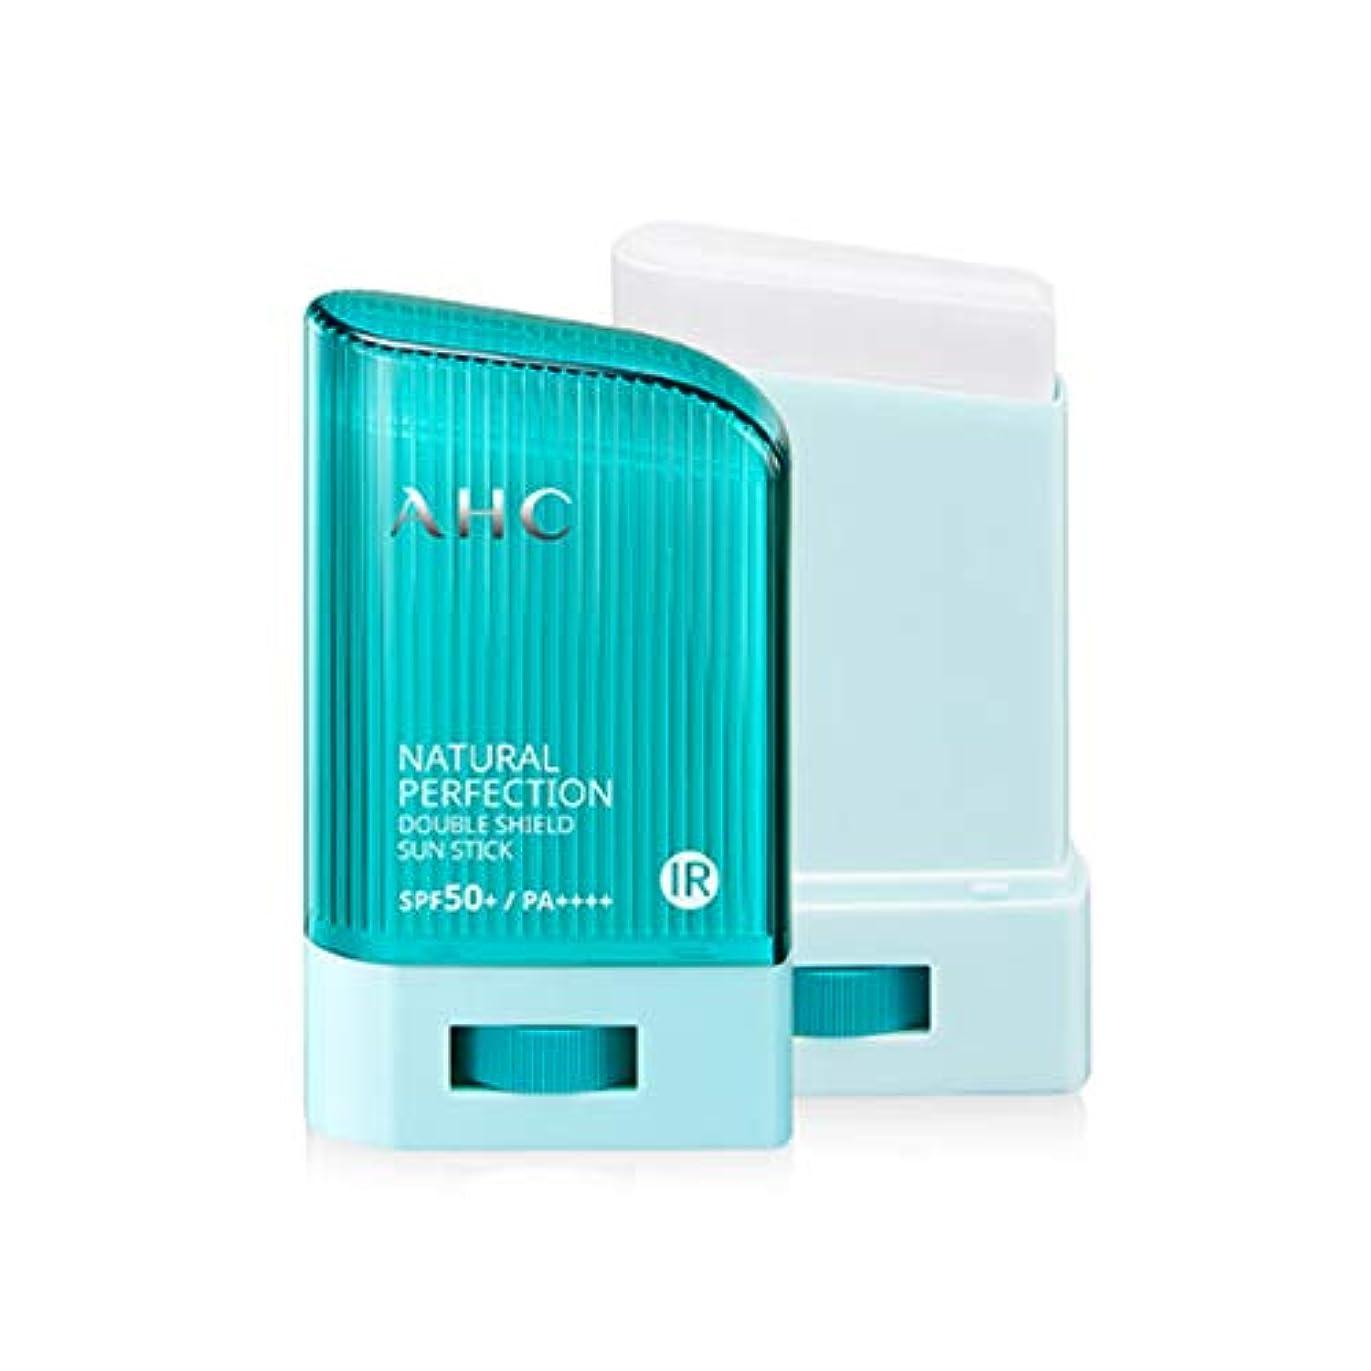 露鎮静剤印象派AHC ナチュラルパーフェクションダブルシールドサンスティック ブルー Natural Perfection Double Shield Sun Stick BLUE [並行輸入品] (22g)